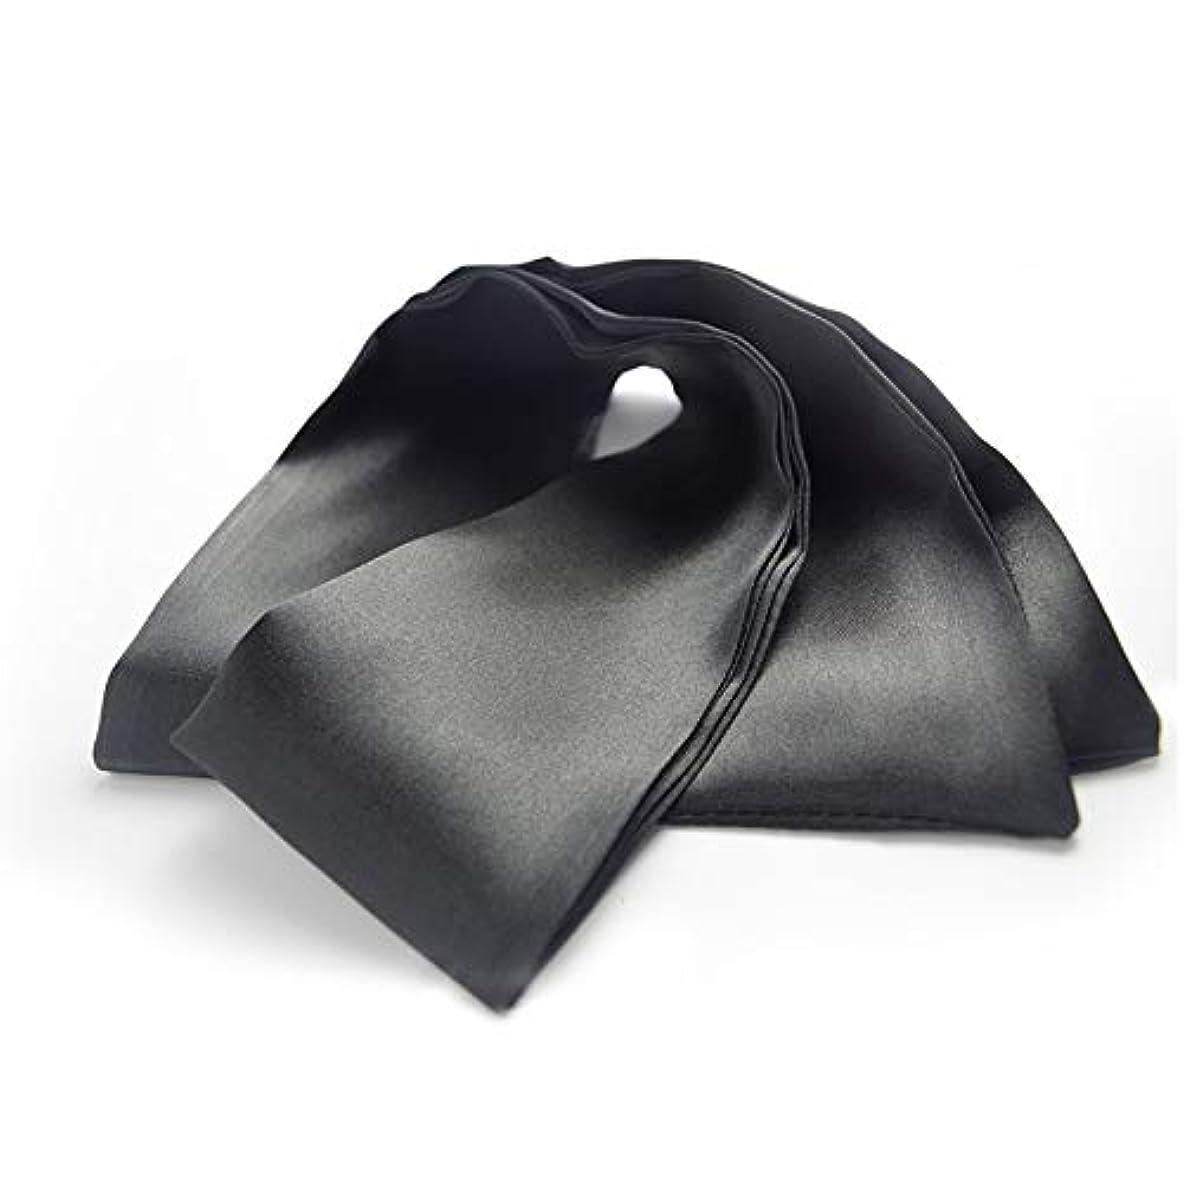 スリラー投資提供するNOTE 高品質のスリープアイマスクサテンリボンソフトで快適なカバーアイパッチベルト目隠し用男性と女性